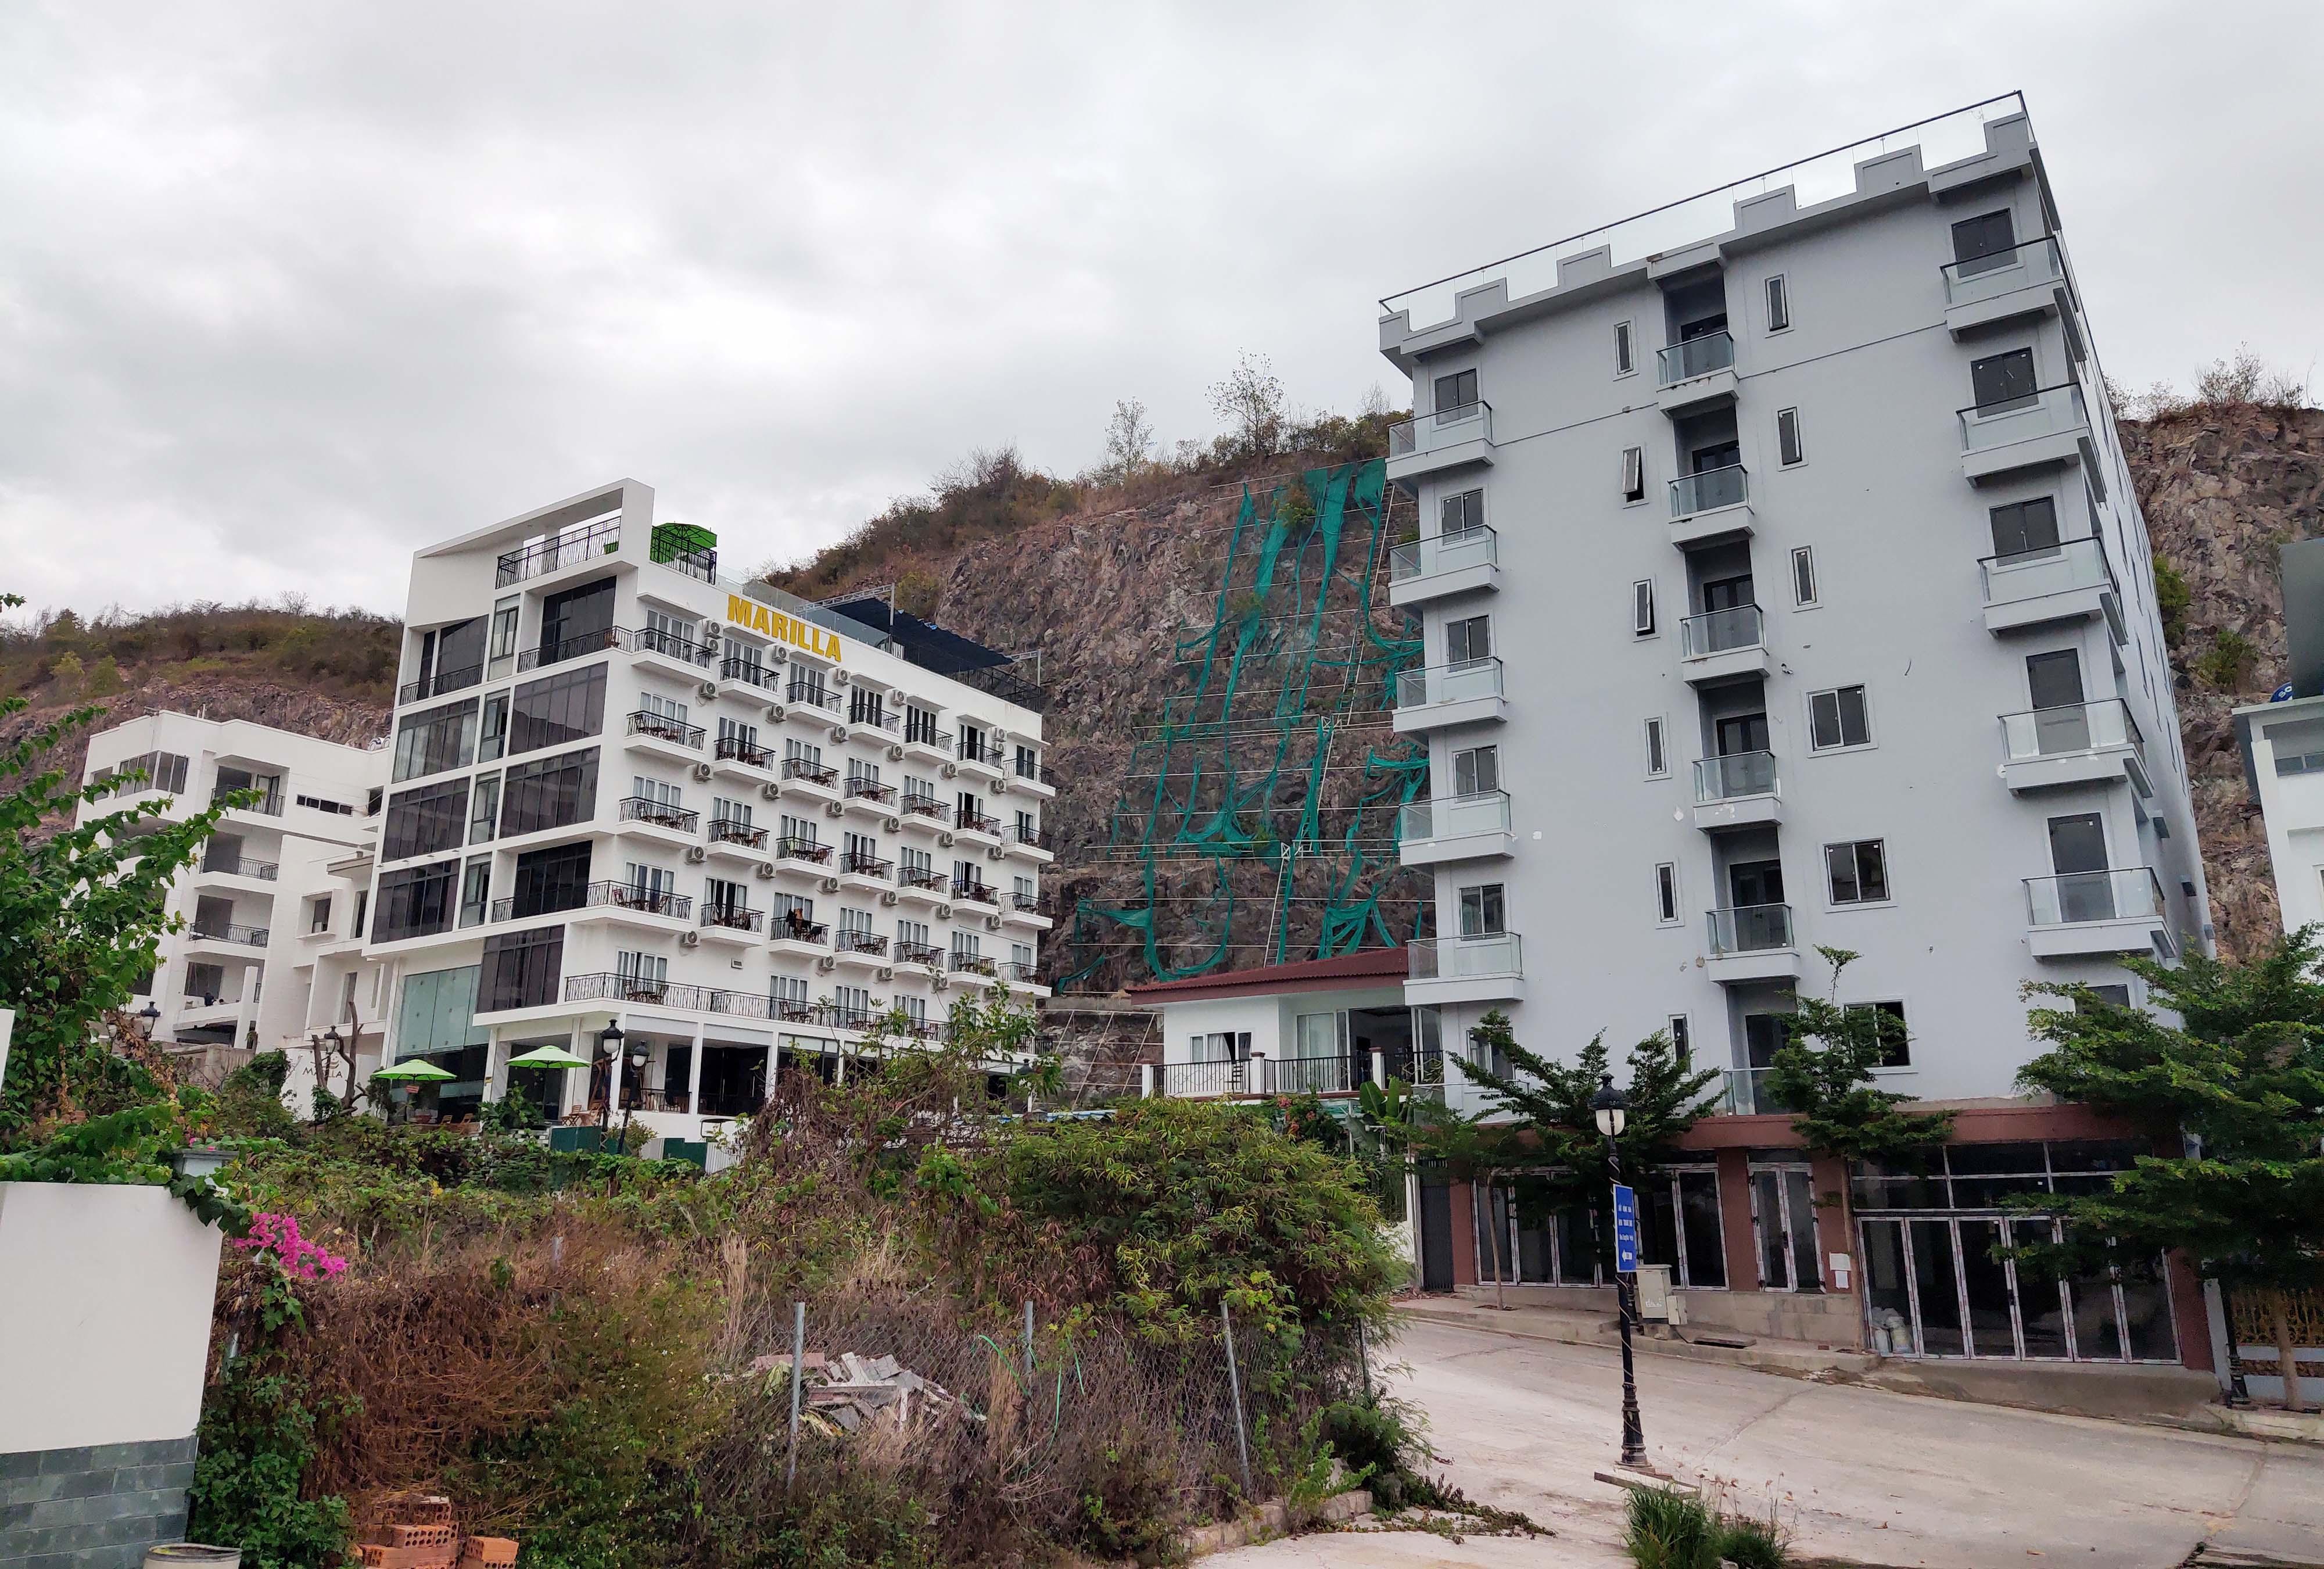 Cận cảnh dự án Ocean View ung dung hoàn thành các căn biệt thự bất chấp lệnh cưỡng chế  - Ảnh 4.